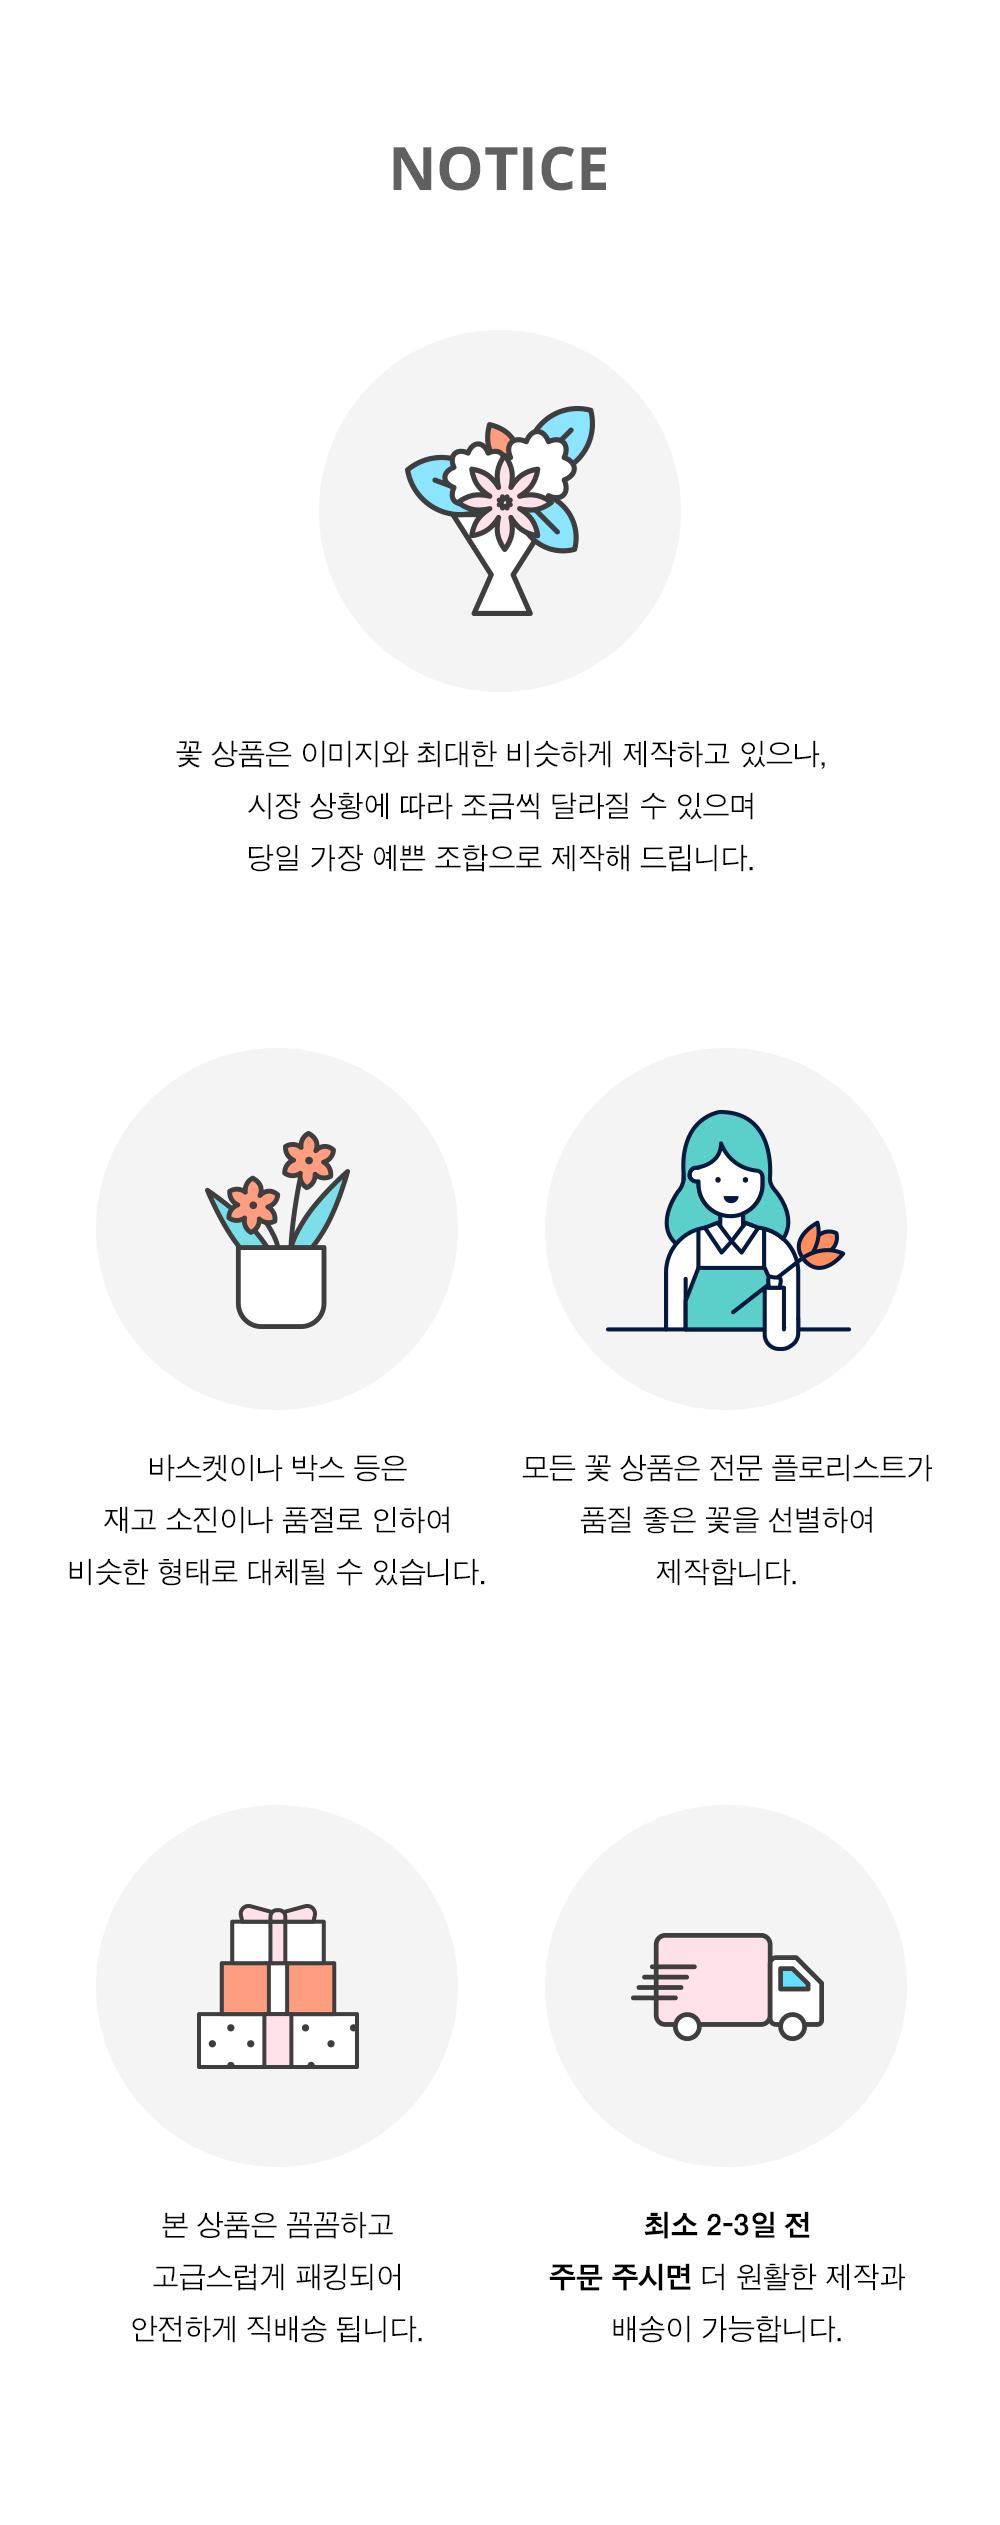 꽃 배송정보